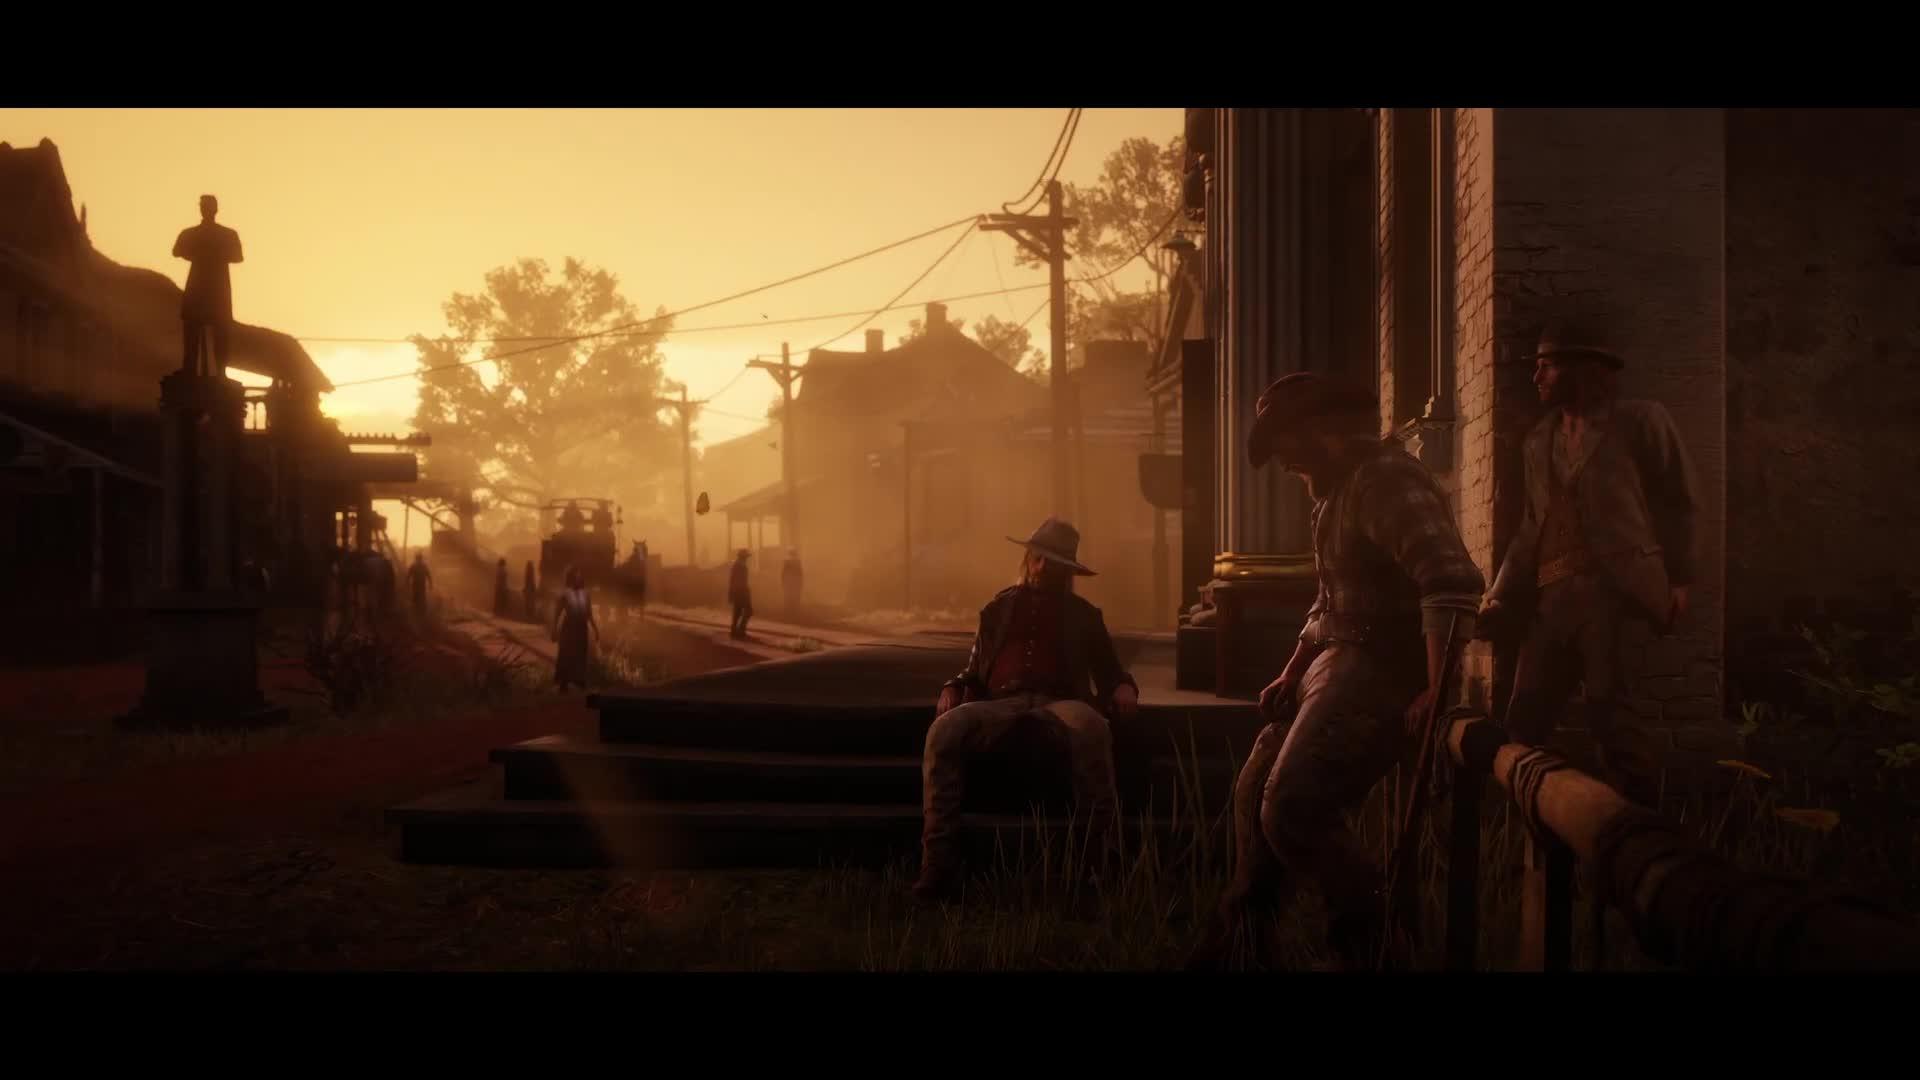 Trailer, Pc, Rockstar Games, Rockstar, Red Dead Redemption, Red Dead Redemption 2